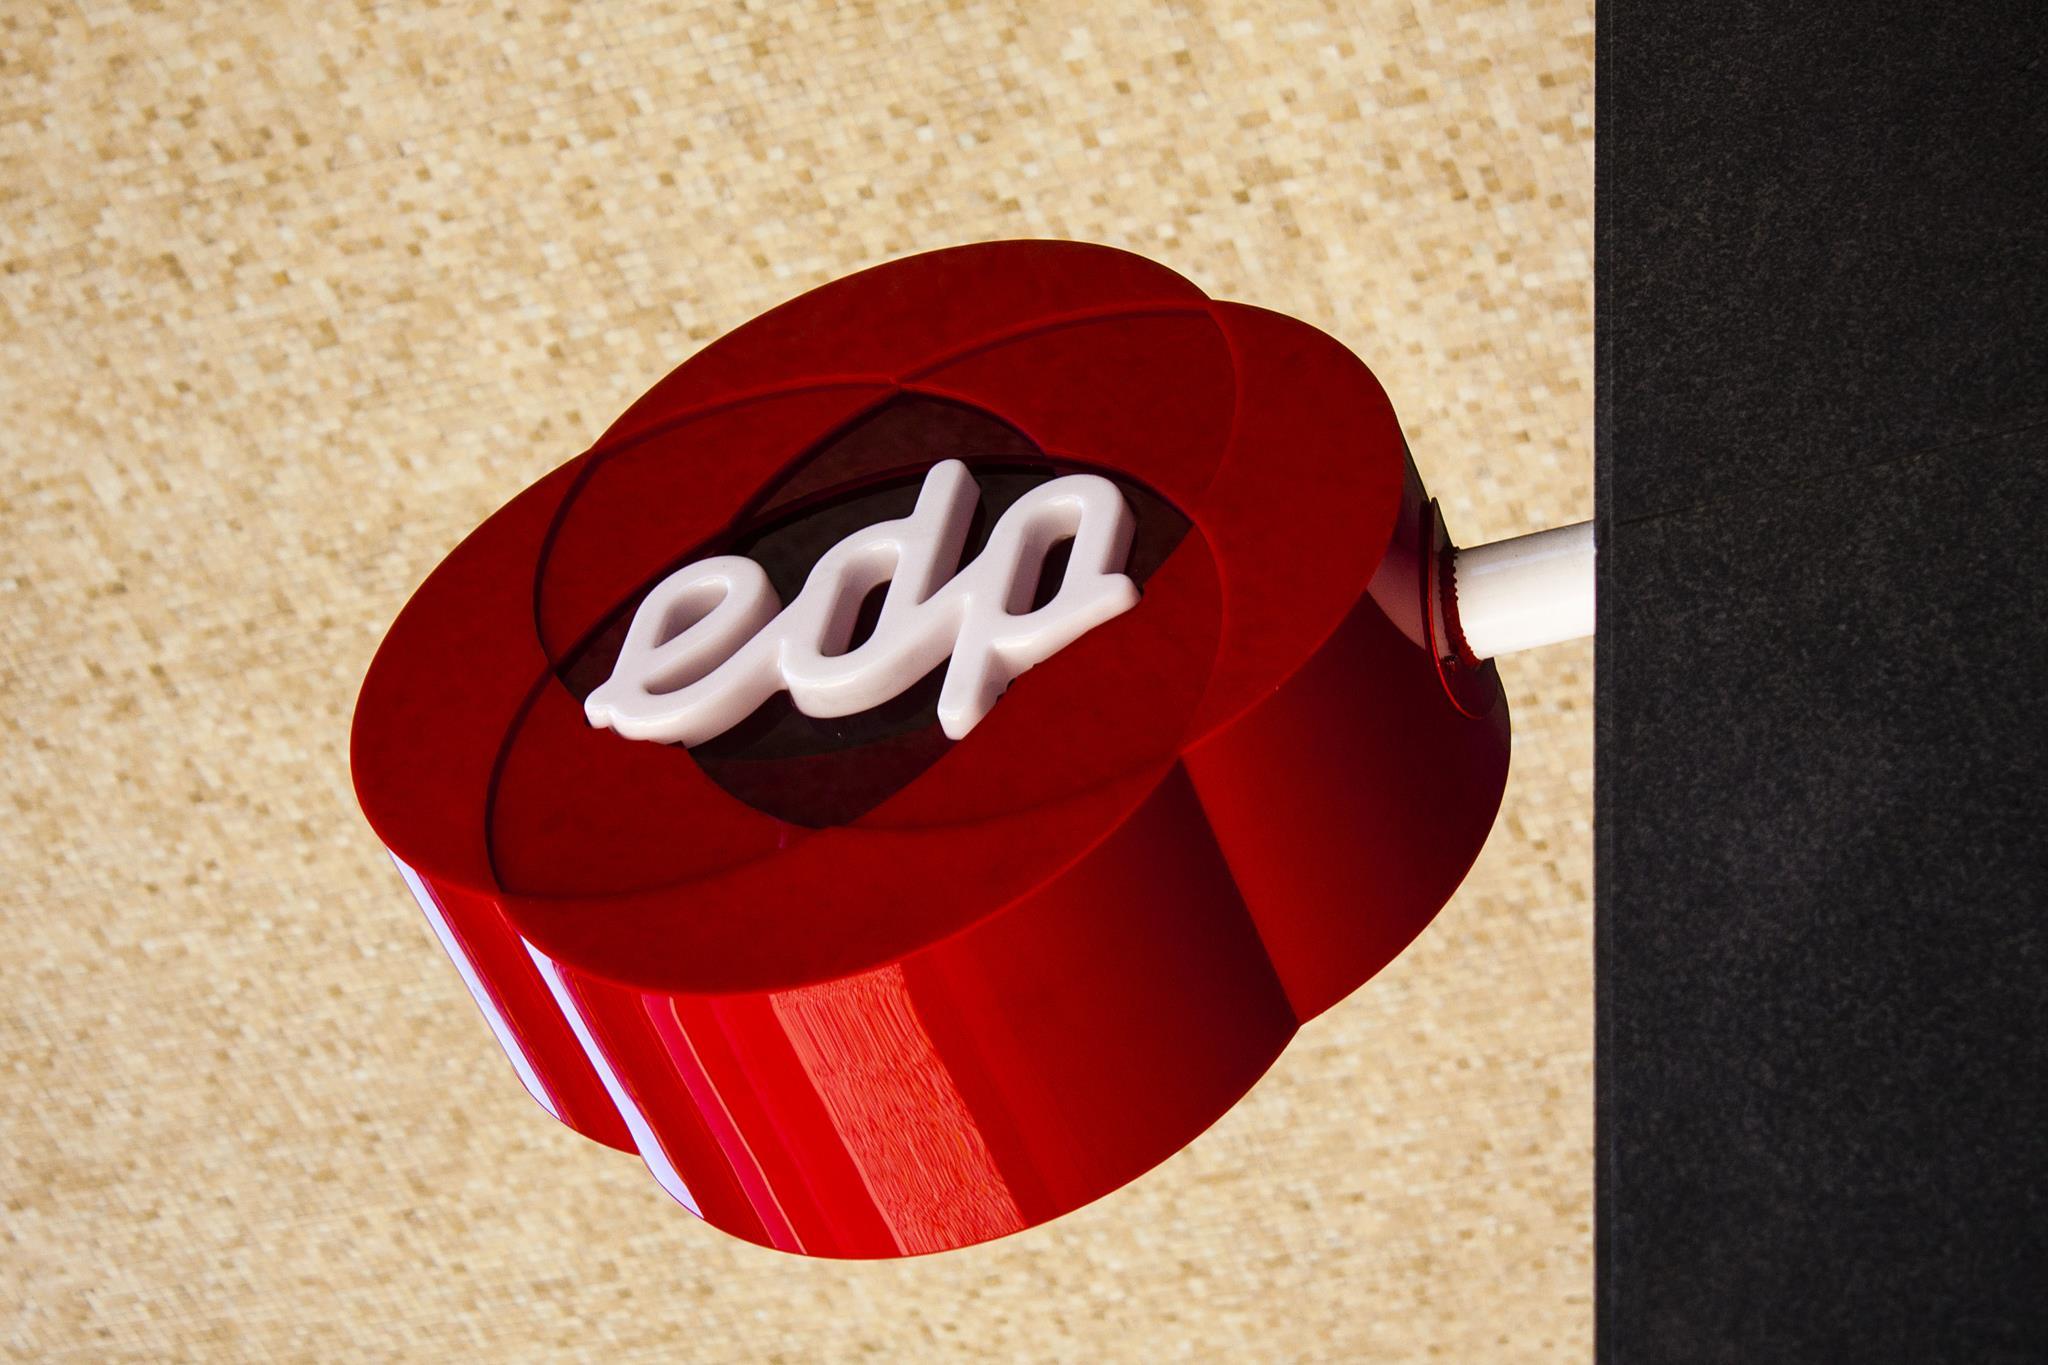 PÚBLICO - PSD quer explicações dos reguladores sobre abusos da EDP e na Galp